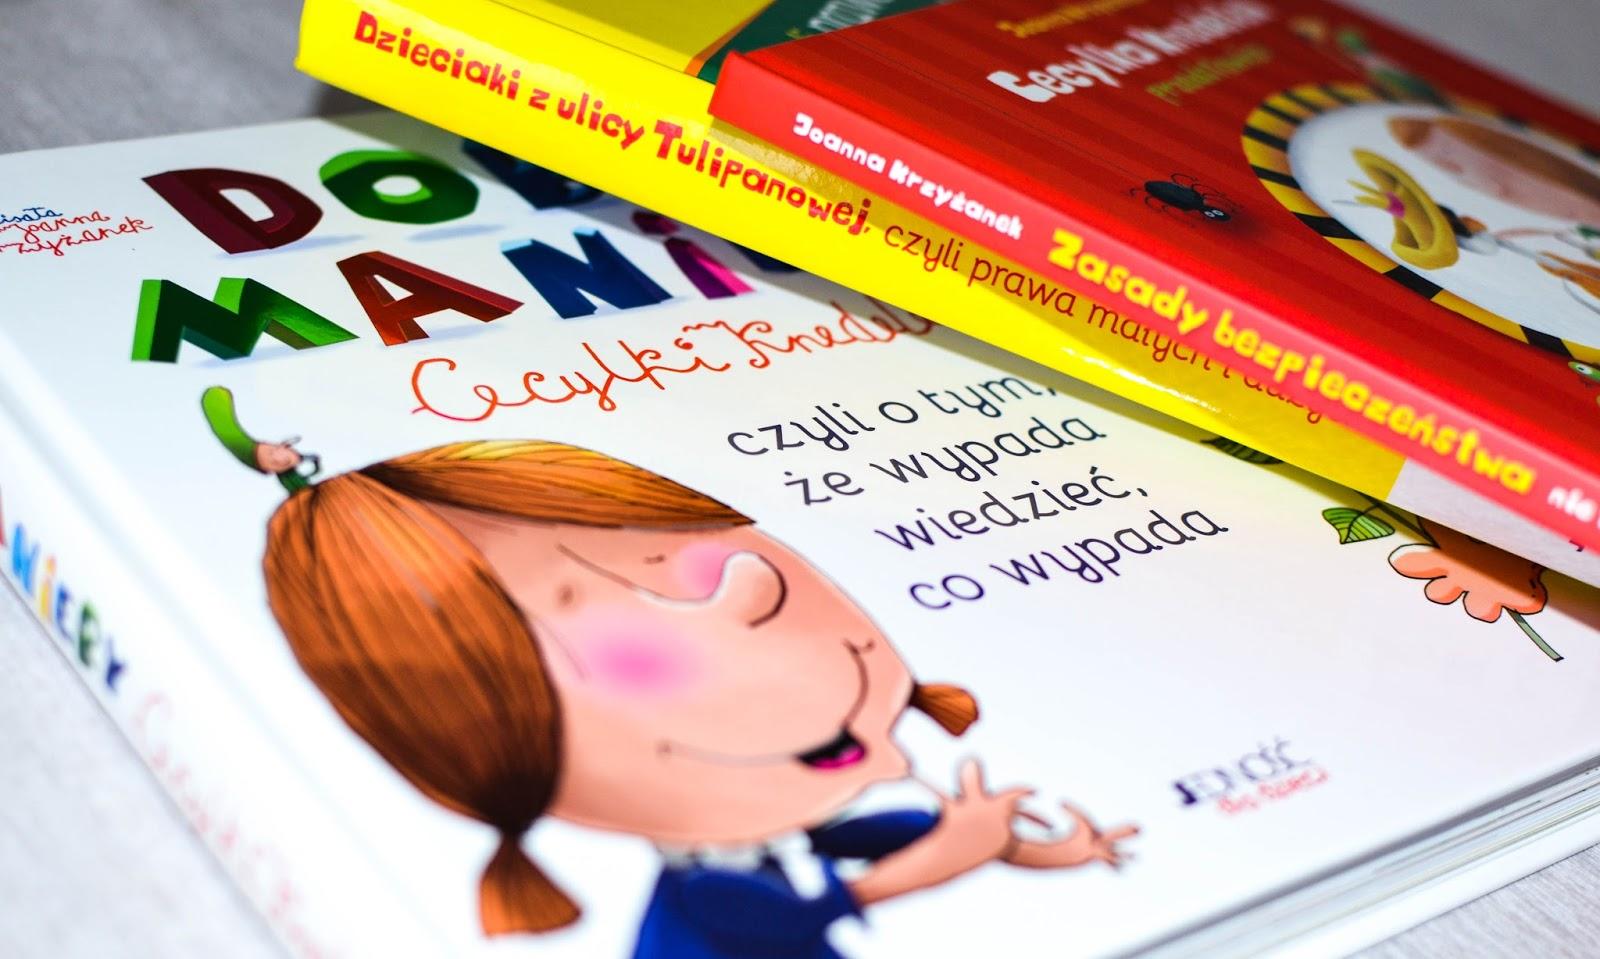 książki dla przedszkolaka, książki dla pięciolatka, Jedność, prawa dziecka, książki dla dzieci o bezpieczeństwie, dobre maniery książki dla dzieci,